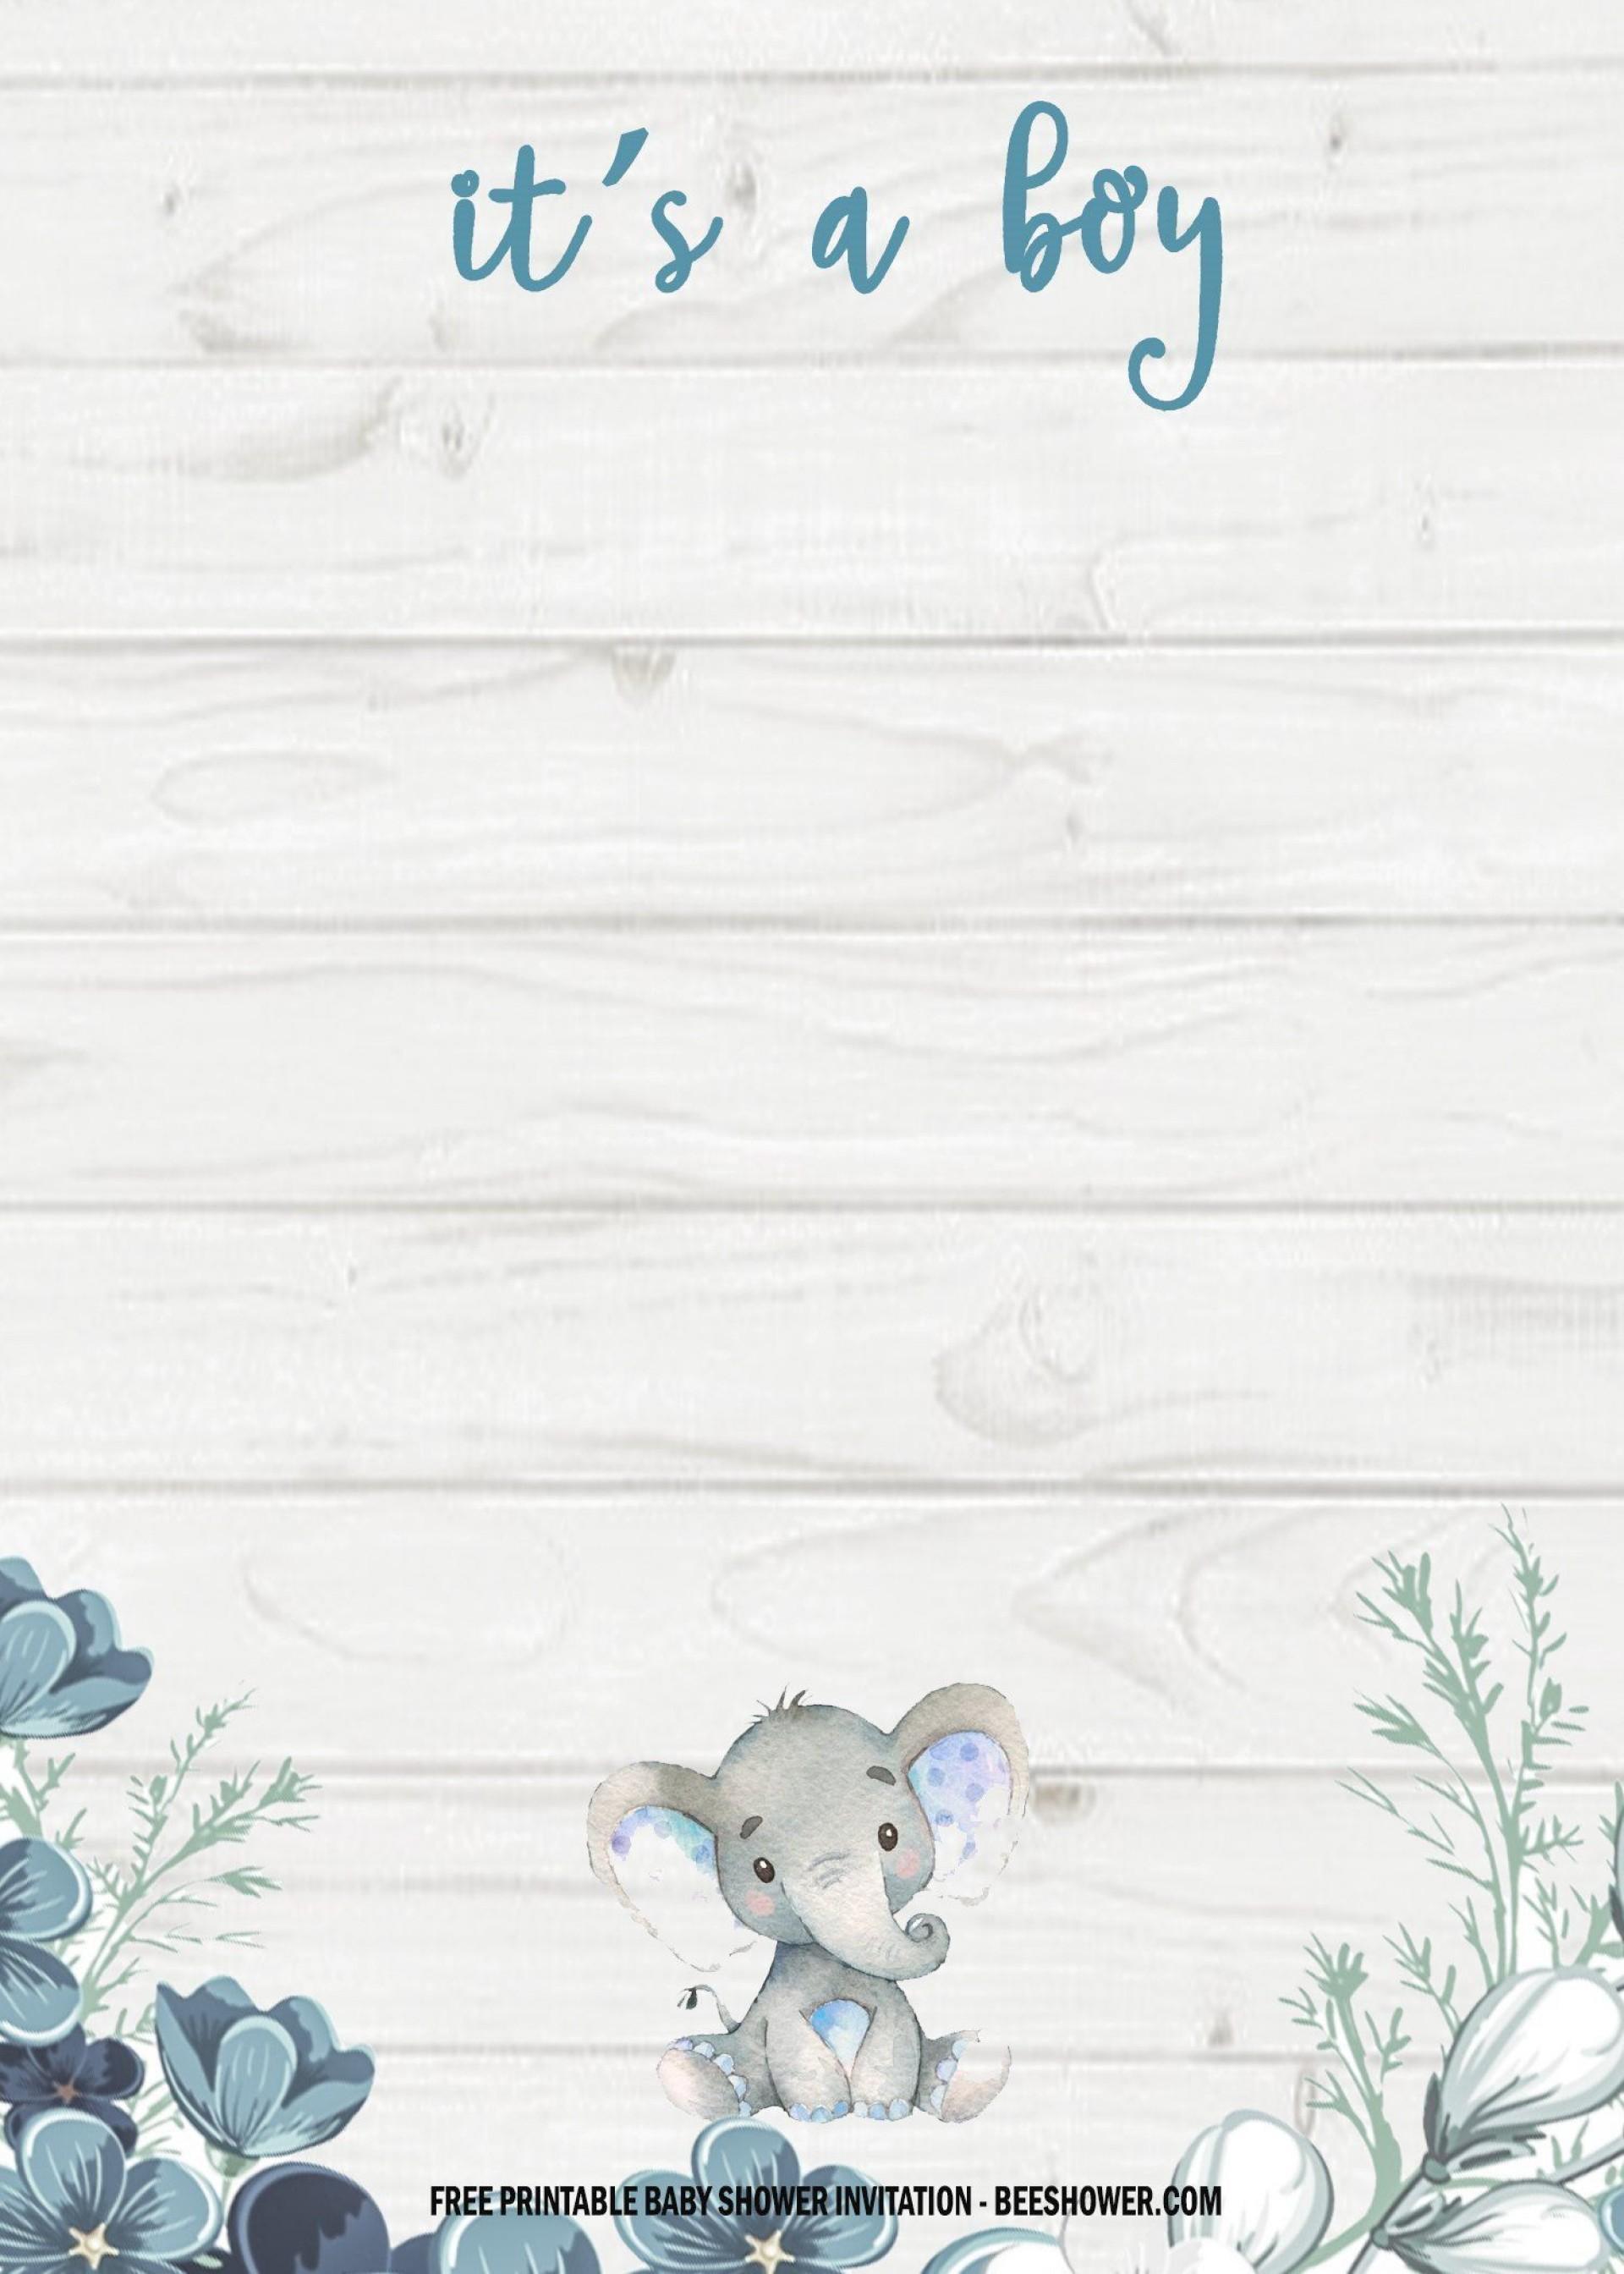 005 Shocking Free Baby Shower Printable Elephant Highest Quality  Decoration1920